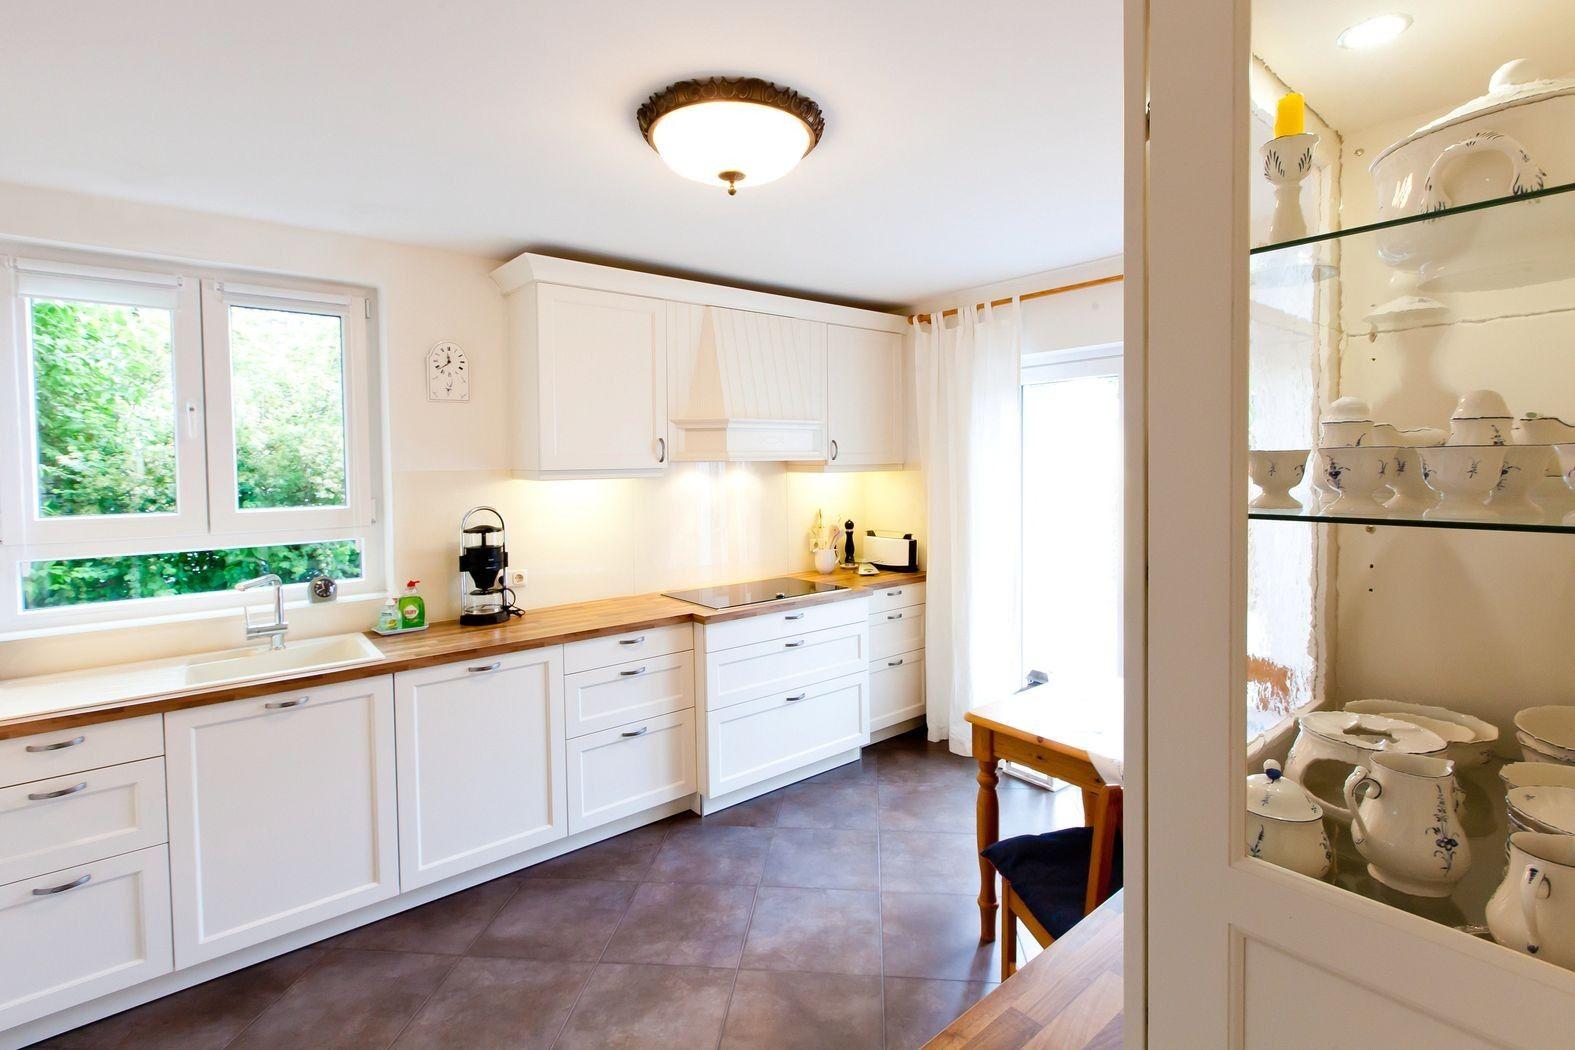 Weiße Küche grauer Boden Holz  Weisse küche, Küche, Küchen ideen